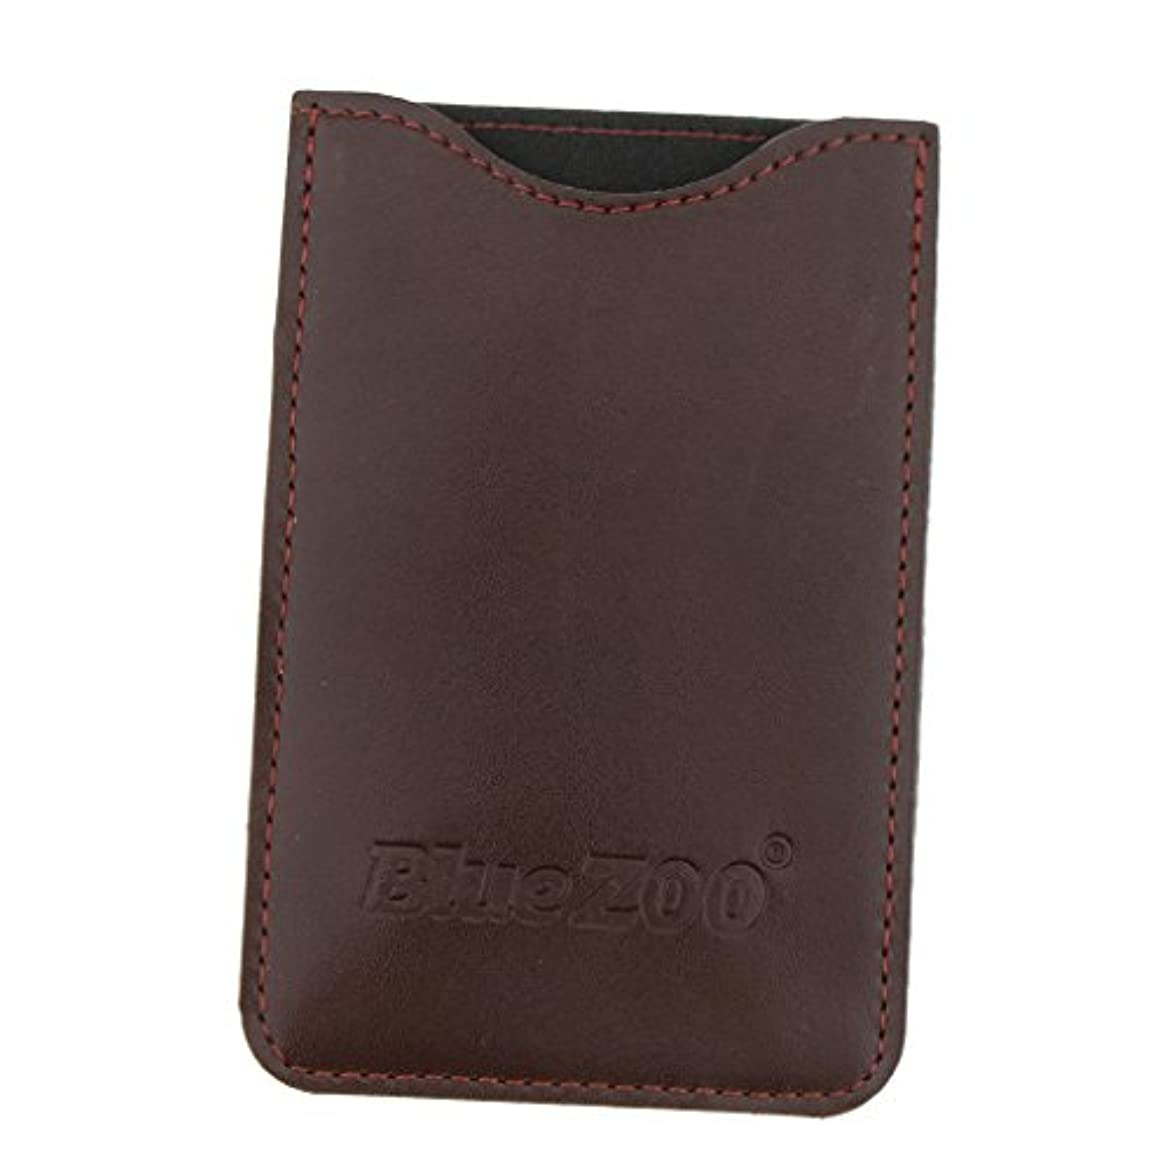 セットアップ分散障害Baosity 収納パック 収納ケース 保護カバー 櫛/名刺/IDカード/銀行カード 旅行 便利 全2色  - 褐色